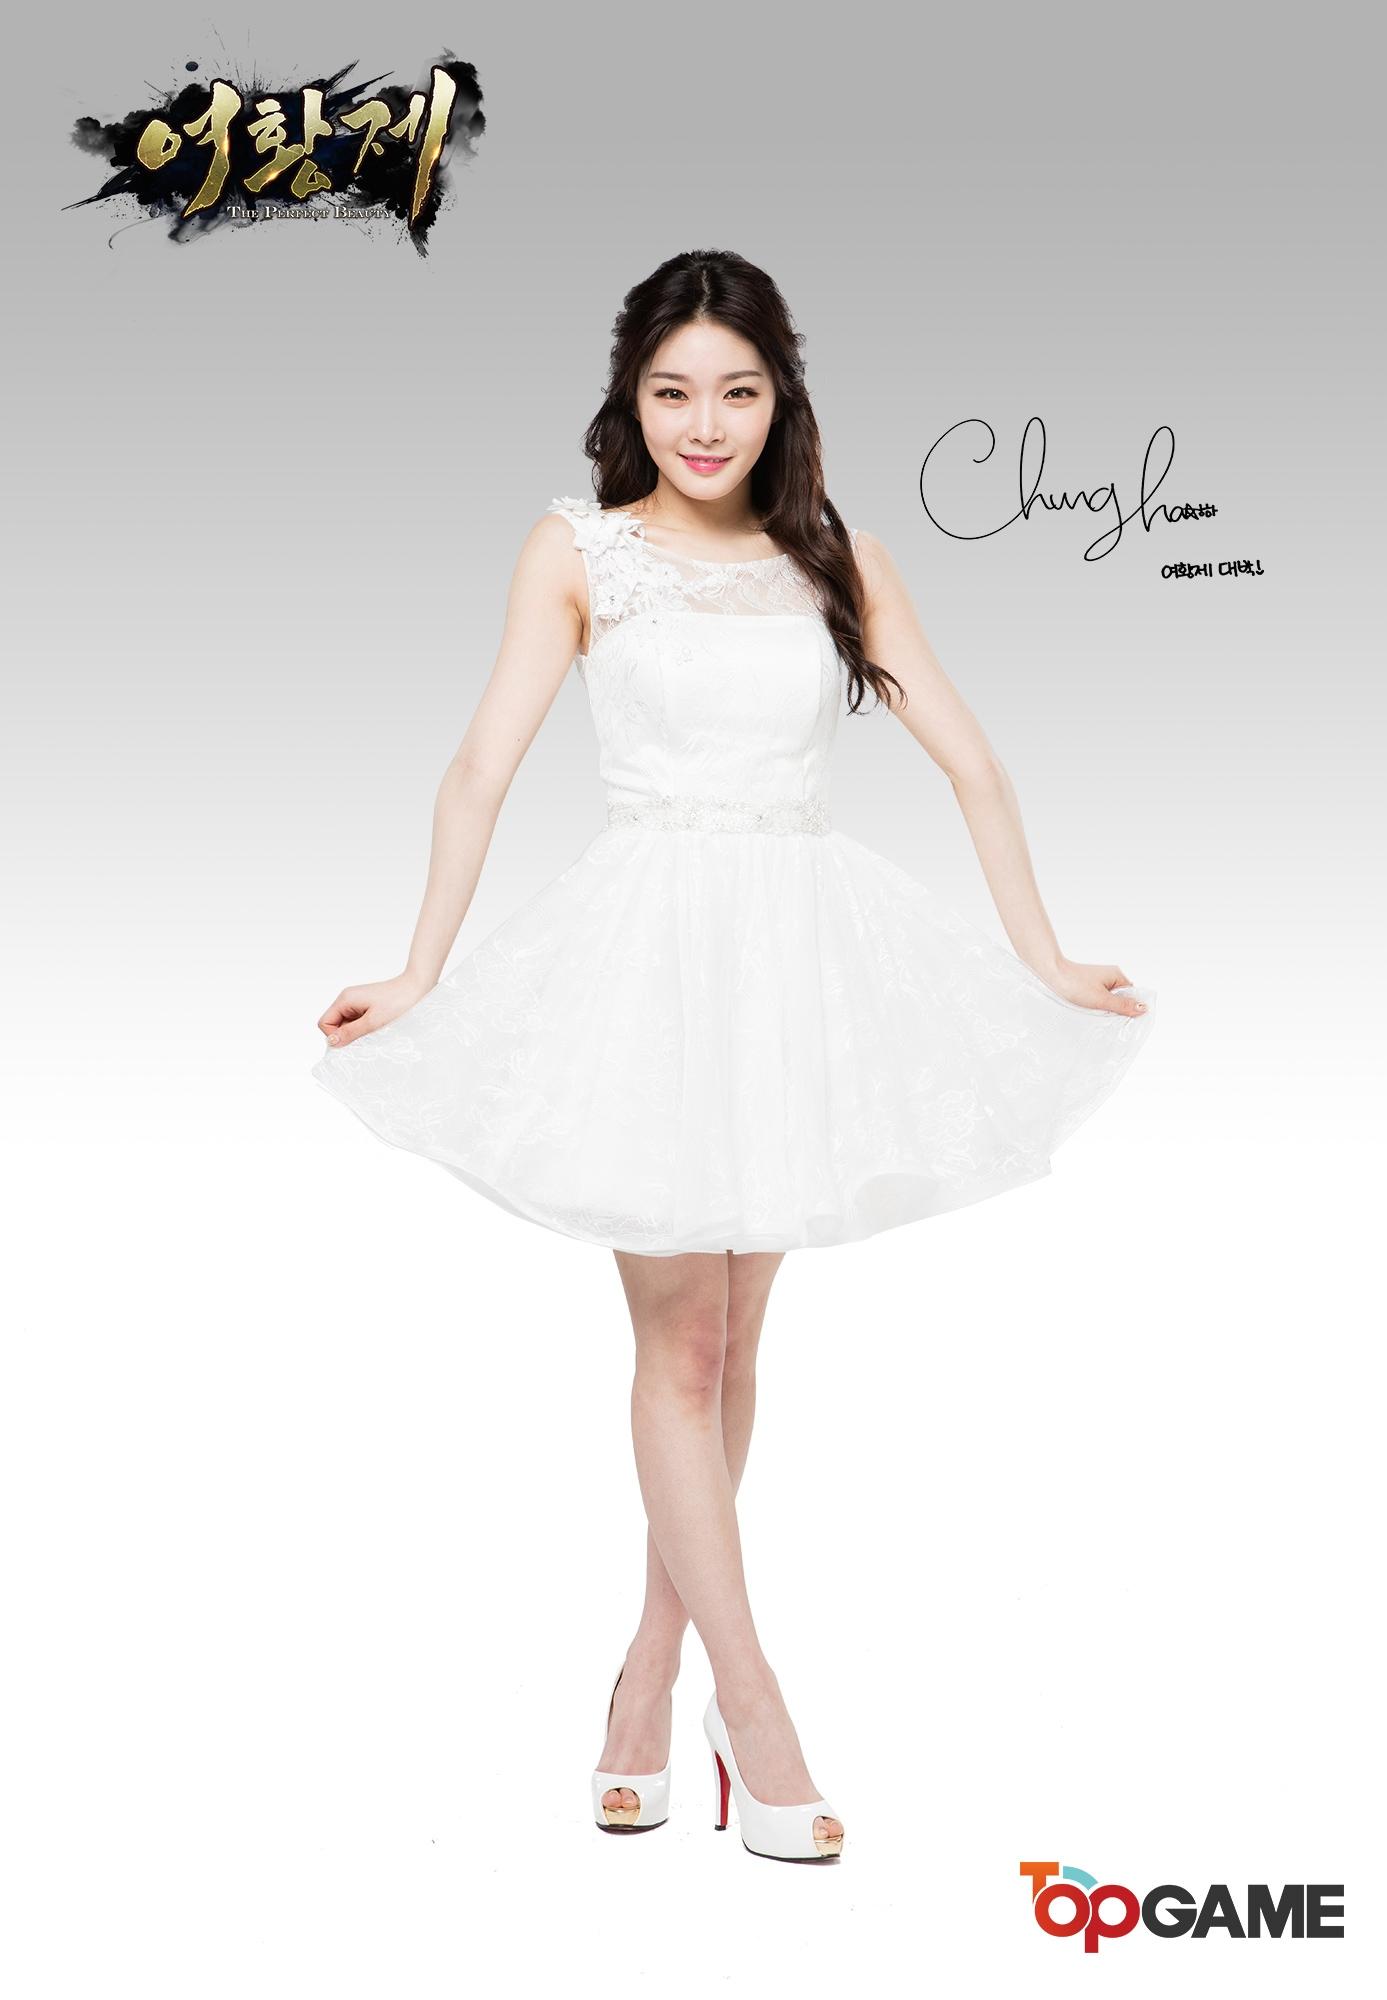 chungha007i